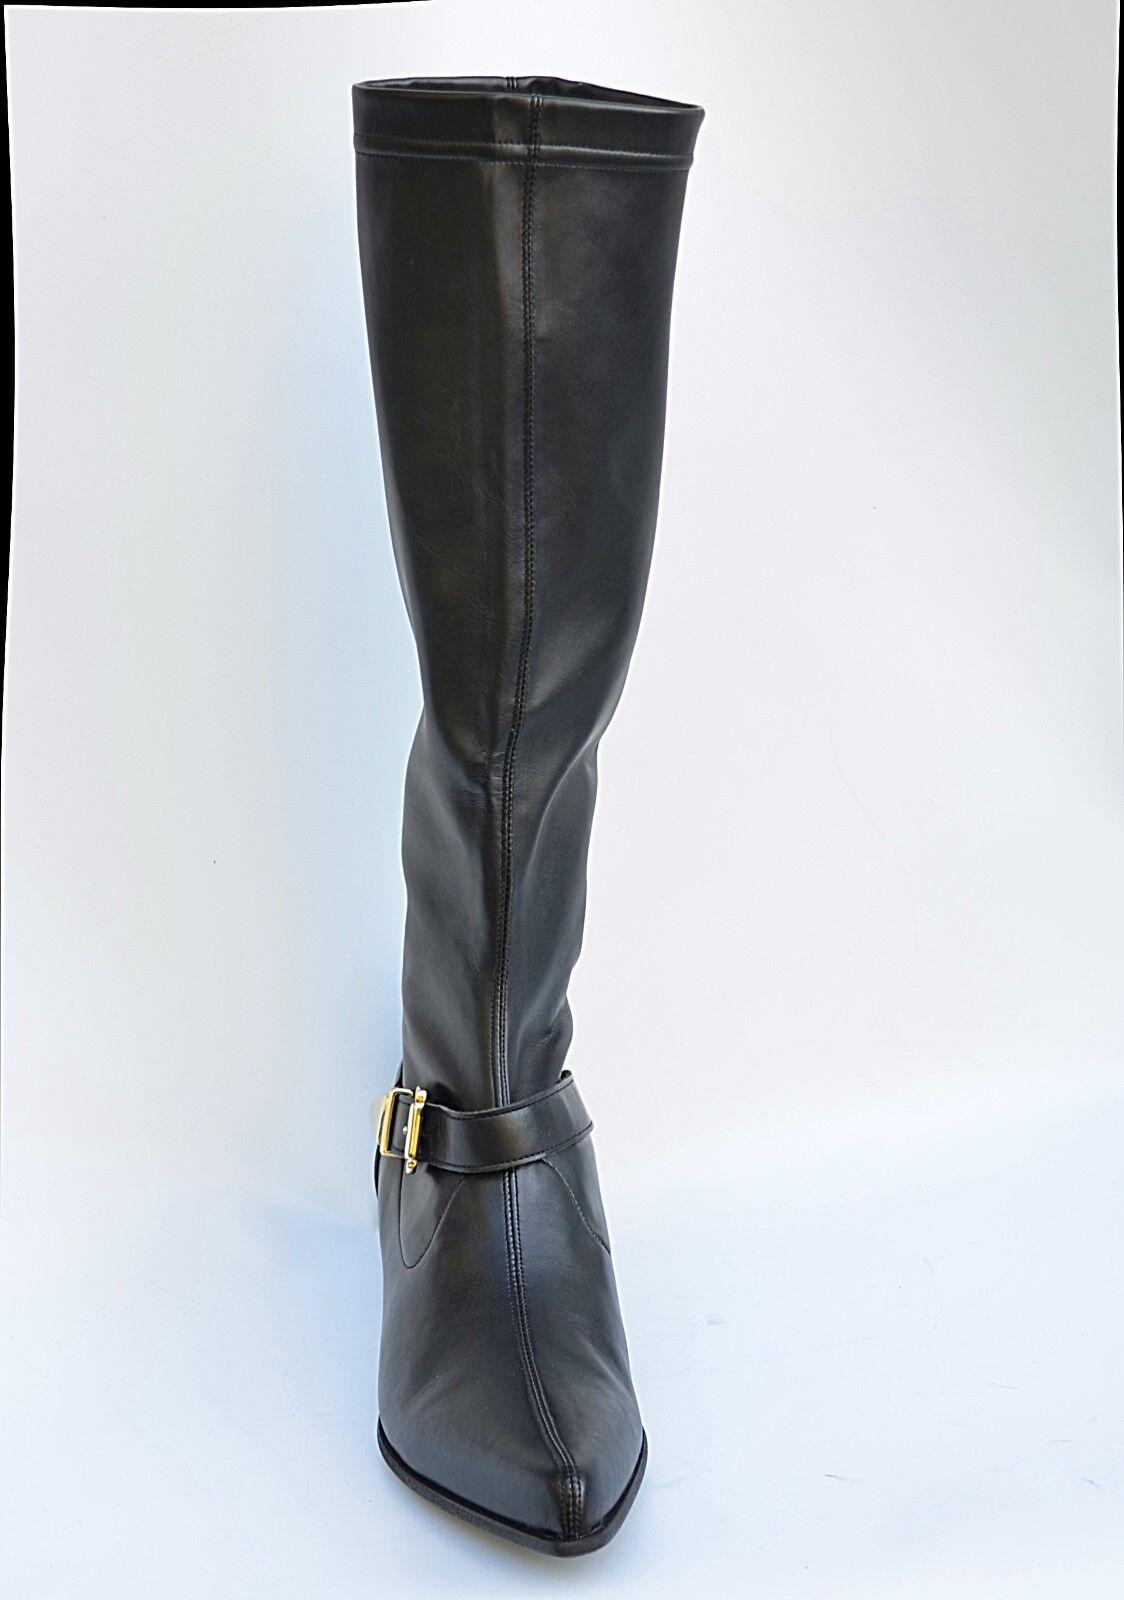 SBN MBRINB Bcinera Stiefel Gr. 40 Stiefeletten UVP 119  Damen Schuhe  9/17 M2